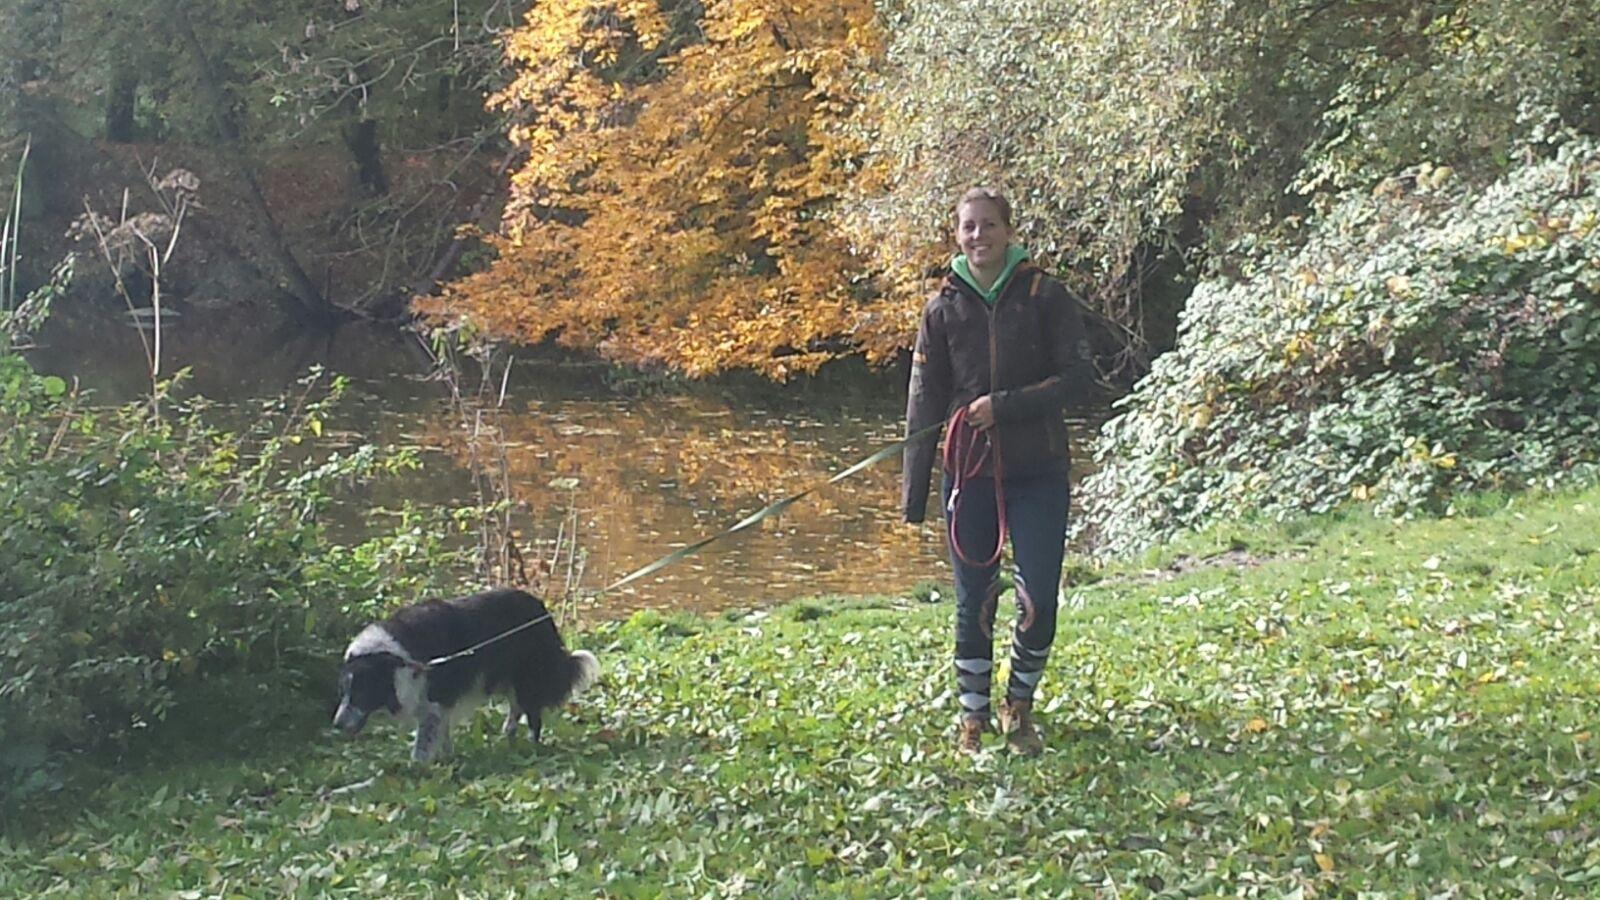 Oktober, Met HUS Voetjes van de Vloer wandelen. Hier met ouwe Saar.